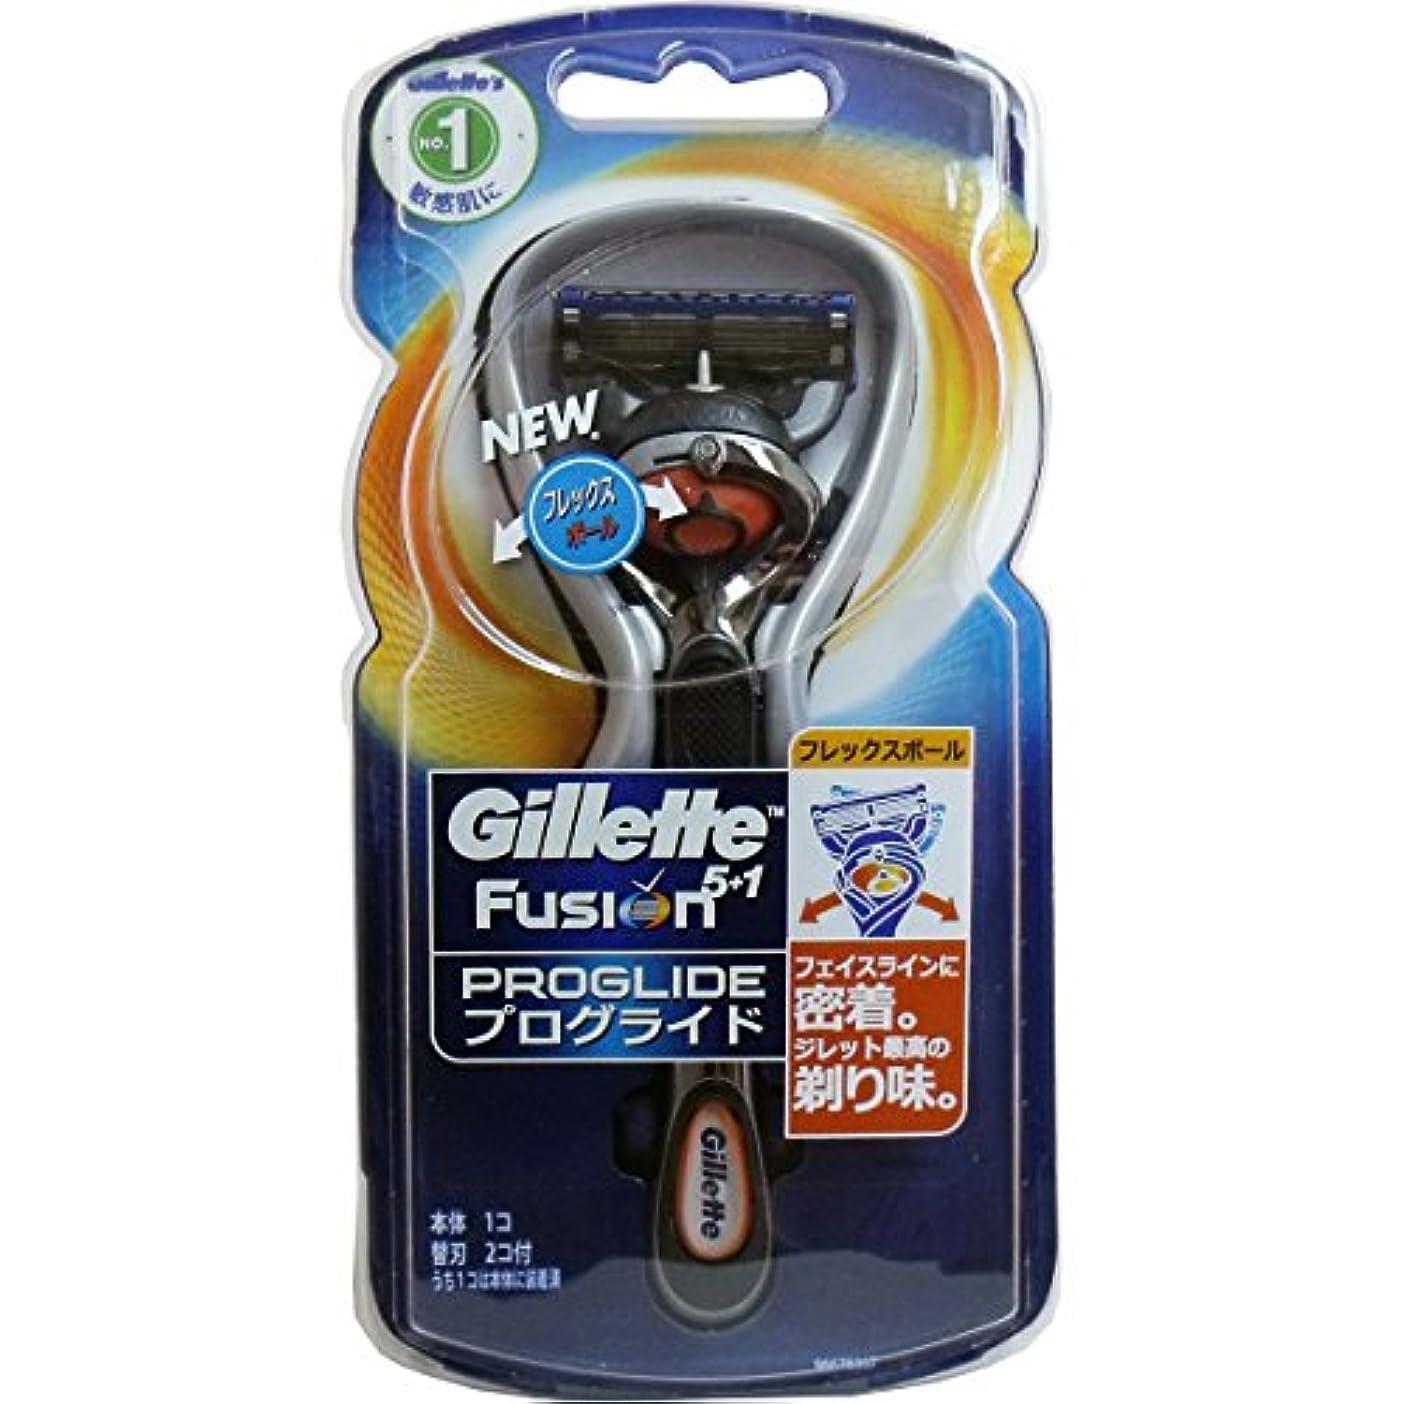 【P&G】ジレット プログライド フレックスボール マニュアル ホルダー 替刃2個付 ×10個セット